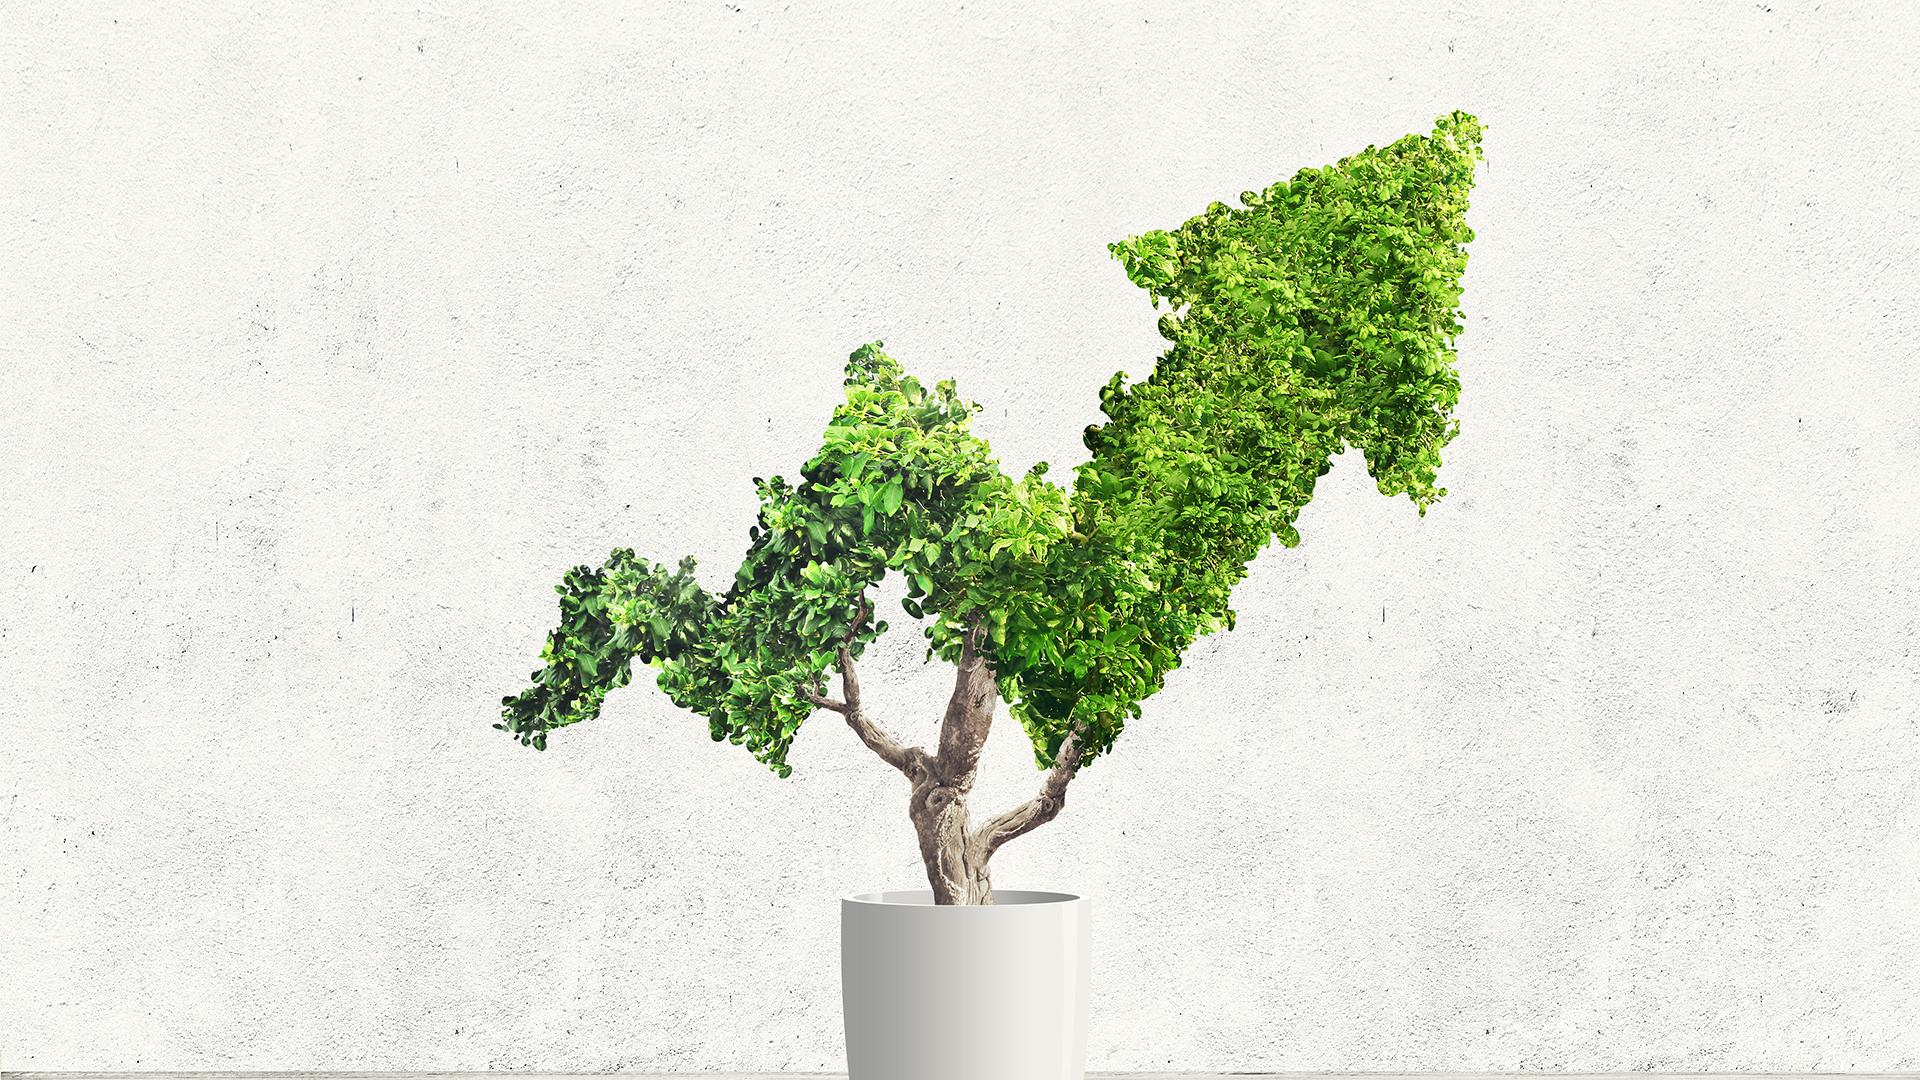 PARMENAS Finanzierung - Unternehmenswachstum und nachhaltige Wertsteigerung